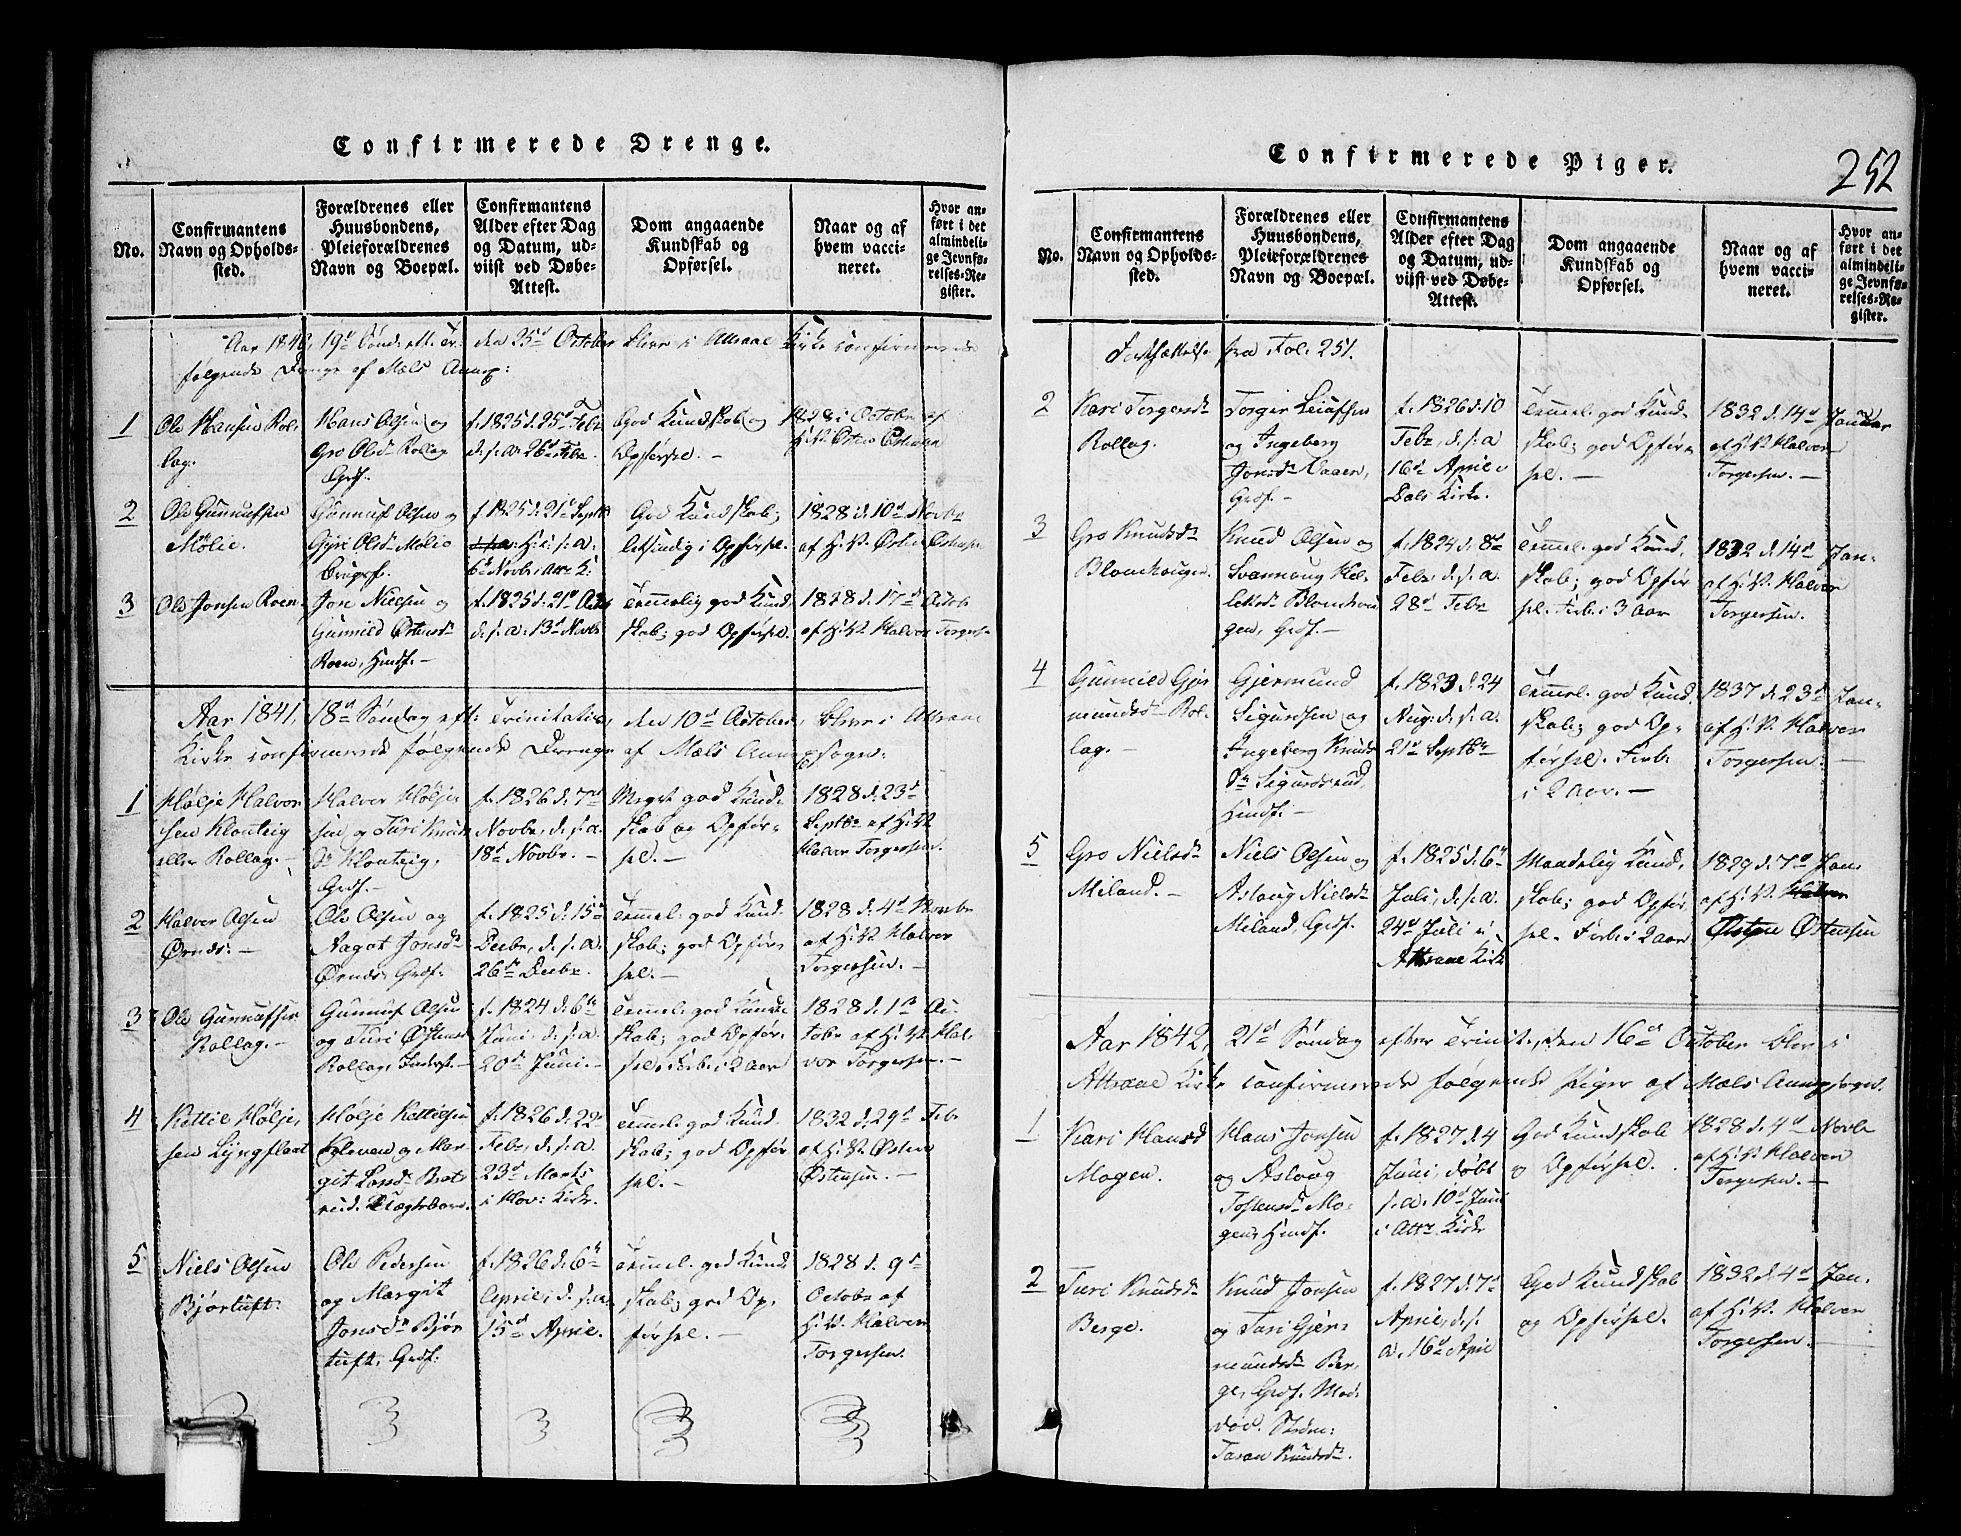 SAKO, Tinn kirkebøker, G/Gb/L0001: Klokkerbok nr. II 1 /1, 1815-1850, s. 252